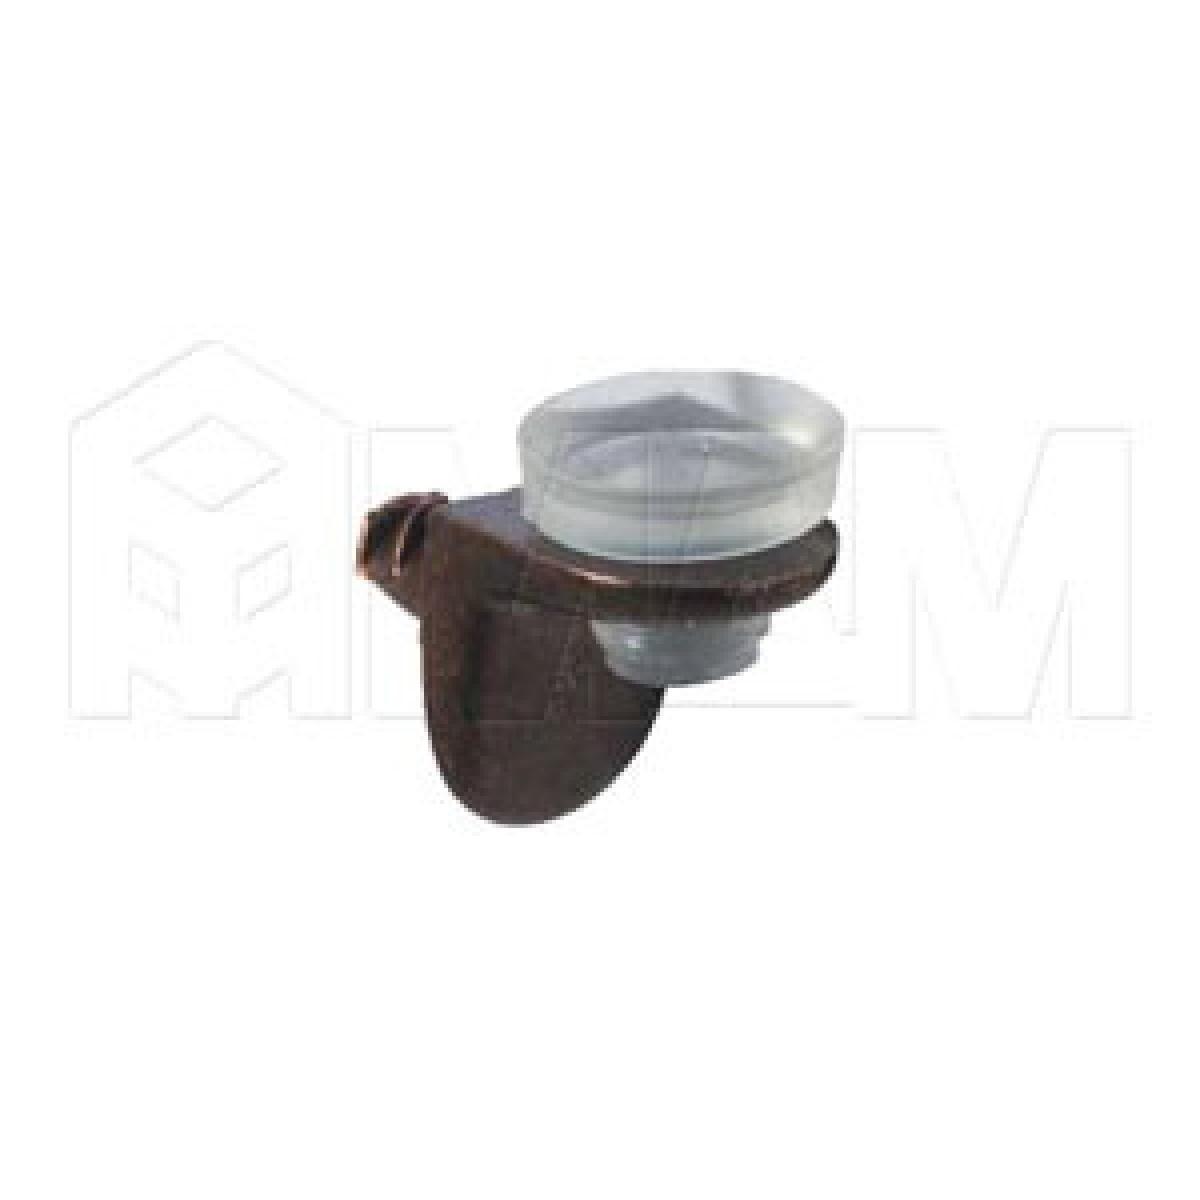 Полкодержатель с присоской и дополнительным упором для стеклянных полок, бронза/прозрачный